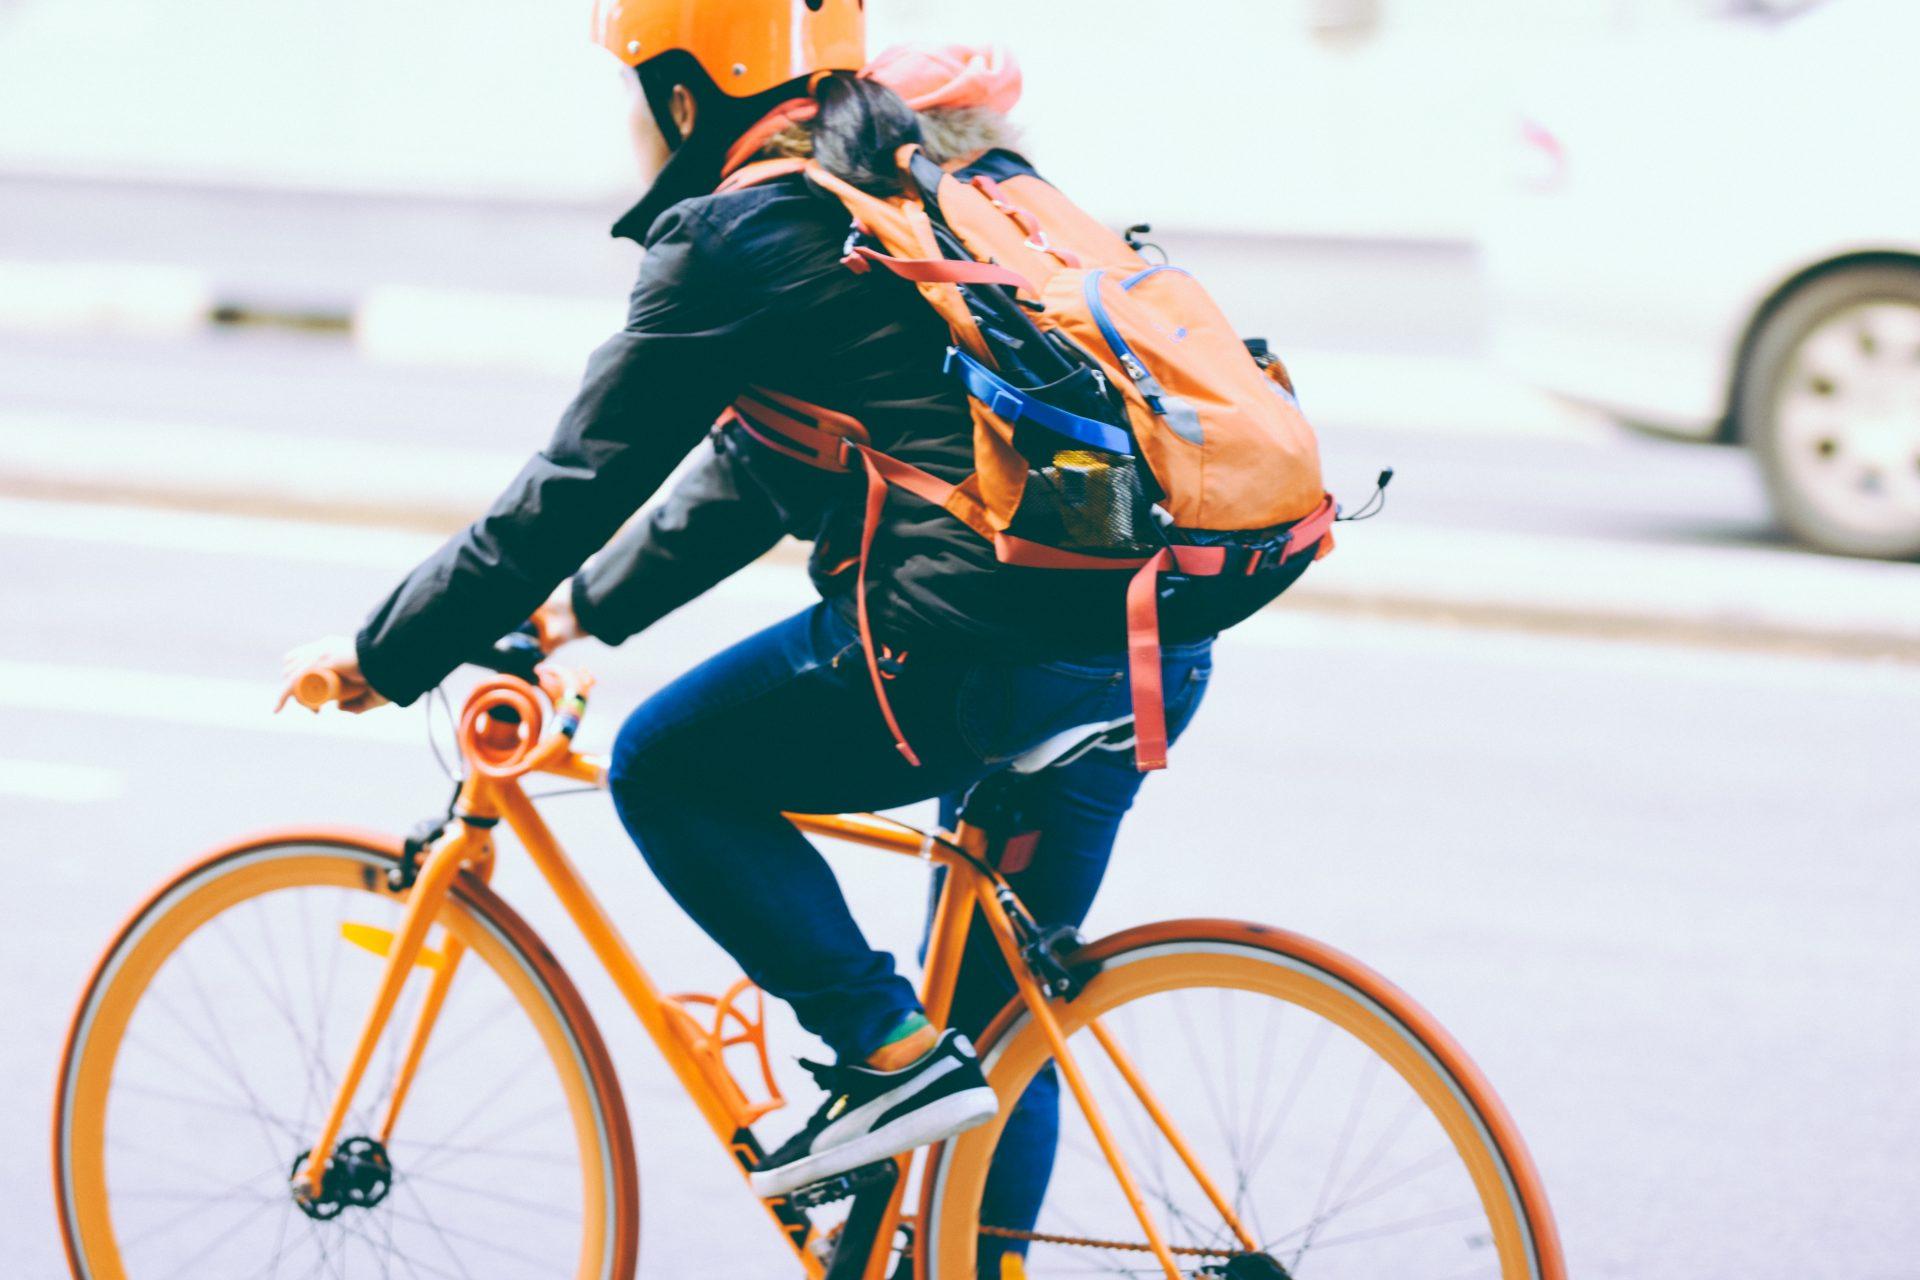 Työsuhdepolkupyörä vai yhteiskäyttöpyörä?